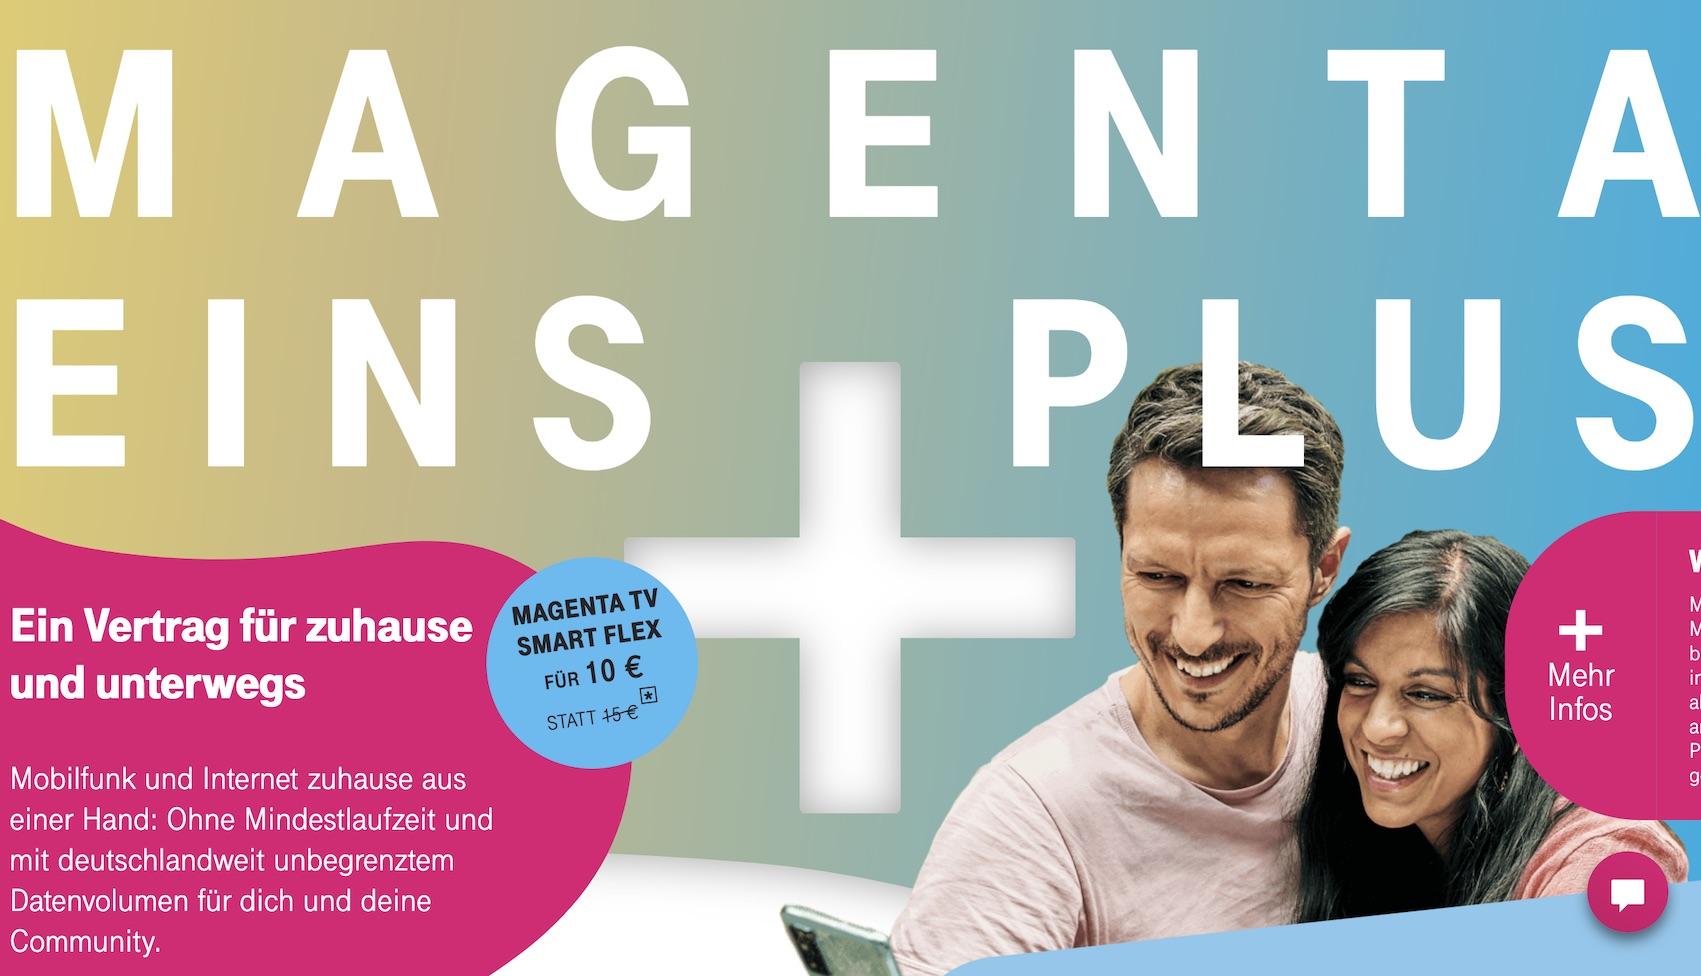 MagentaEINS Plus kann jetzt auch TV (Quelle: telekom.de, Screenshot: SmartPhoneFan.de)